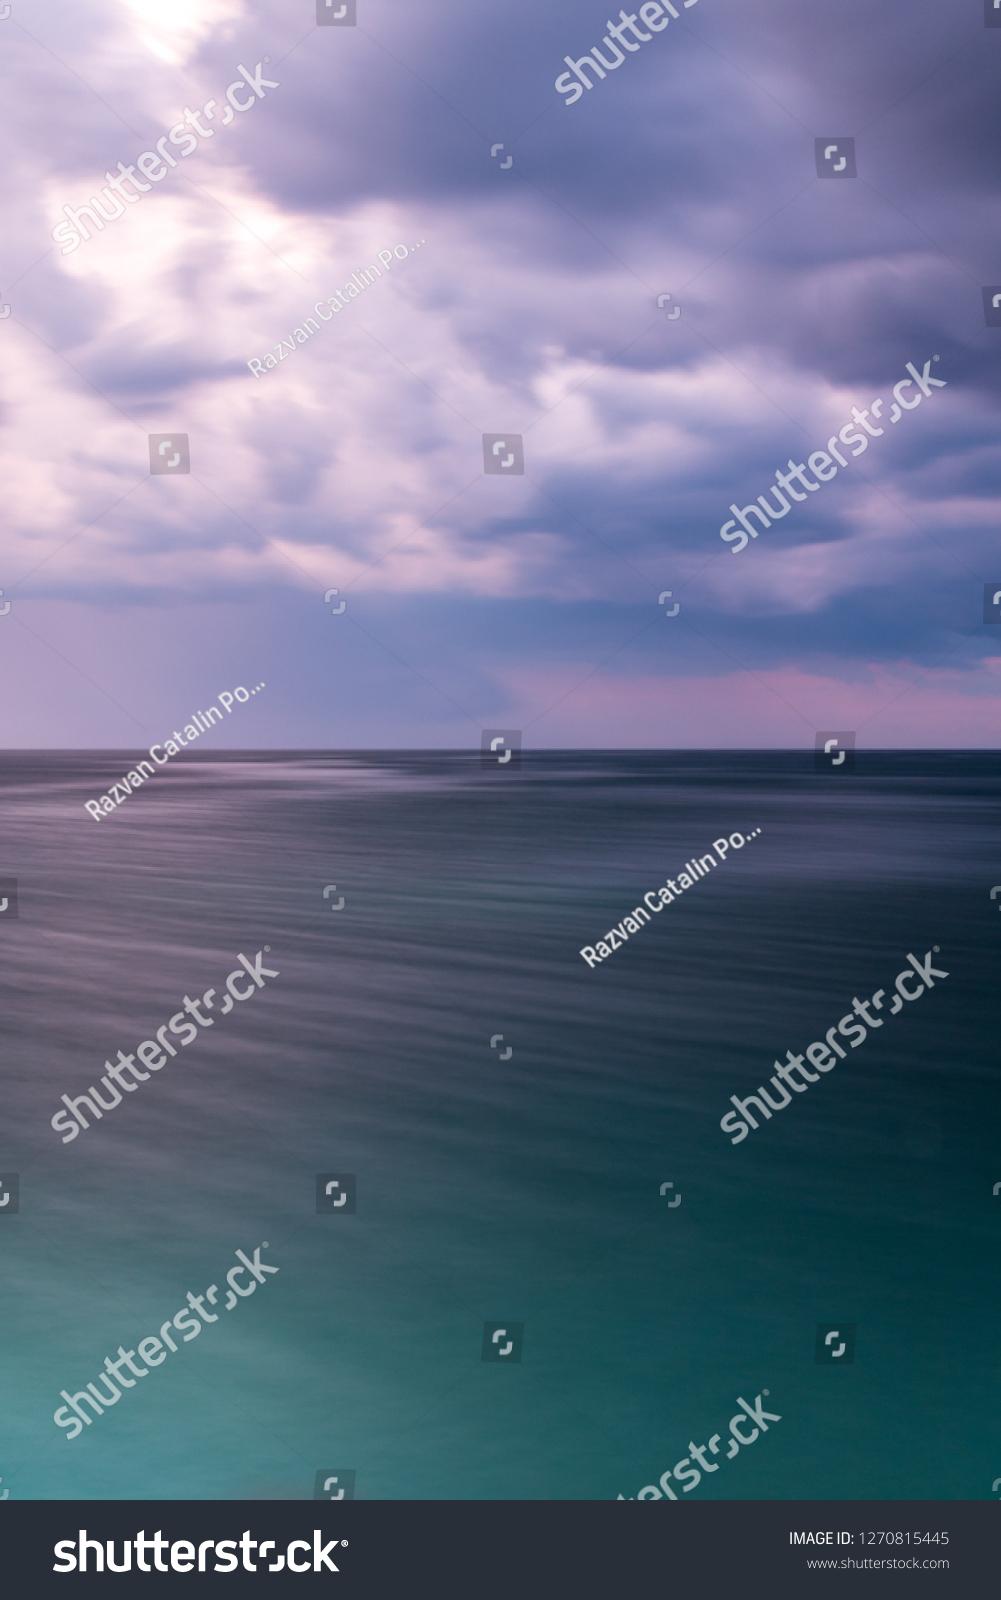 Seaside Landscape Gradiant Sea Looking Green Stock Photo Edit Now 1270815445